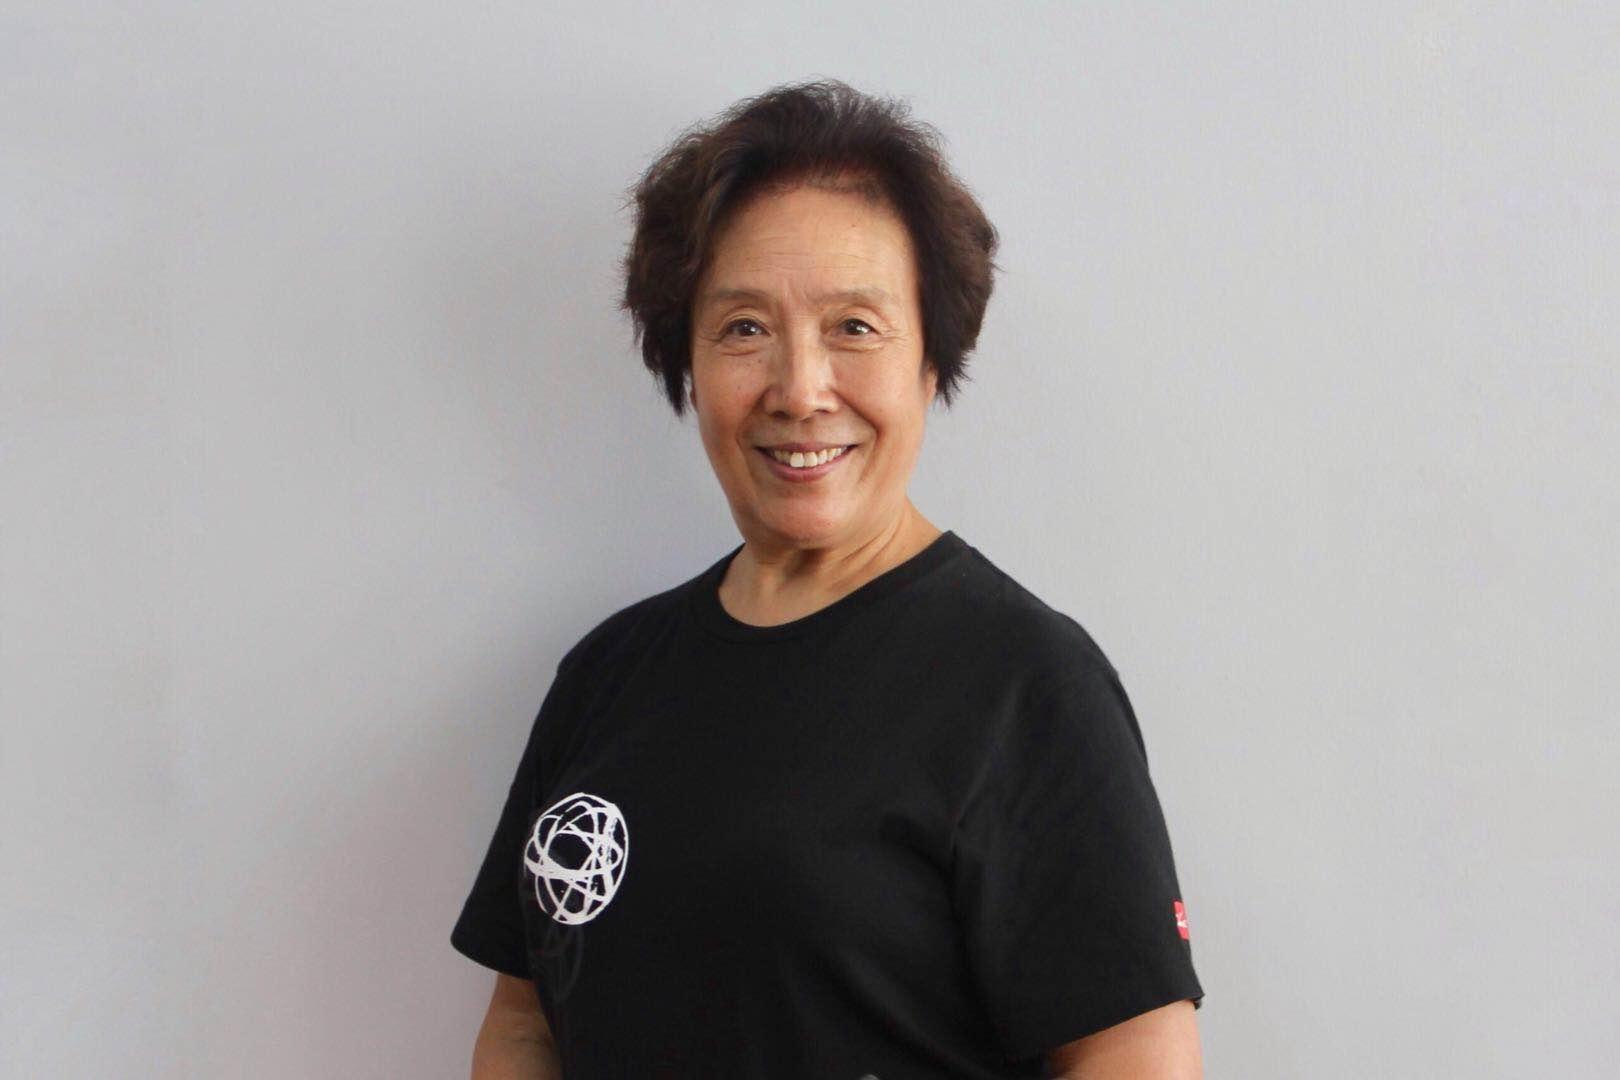 徐文琴-着名表演艺术家 中央戏剧学院表演系教授